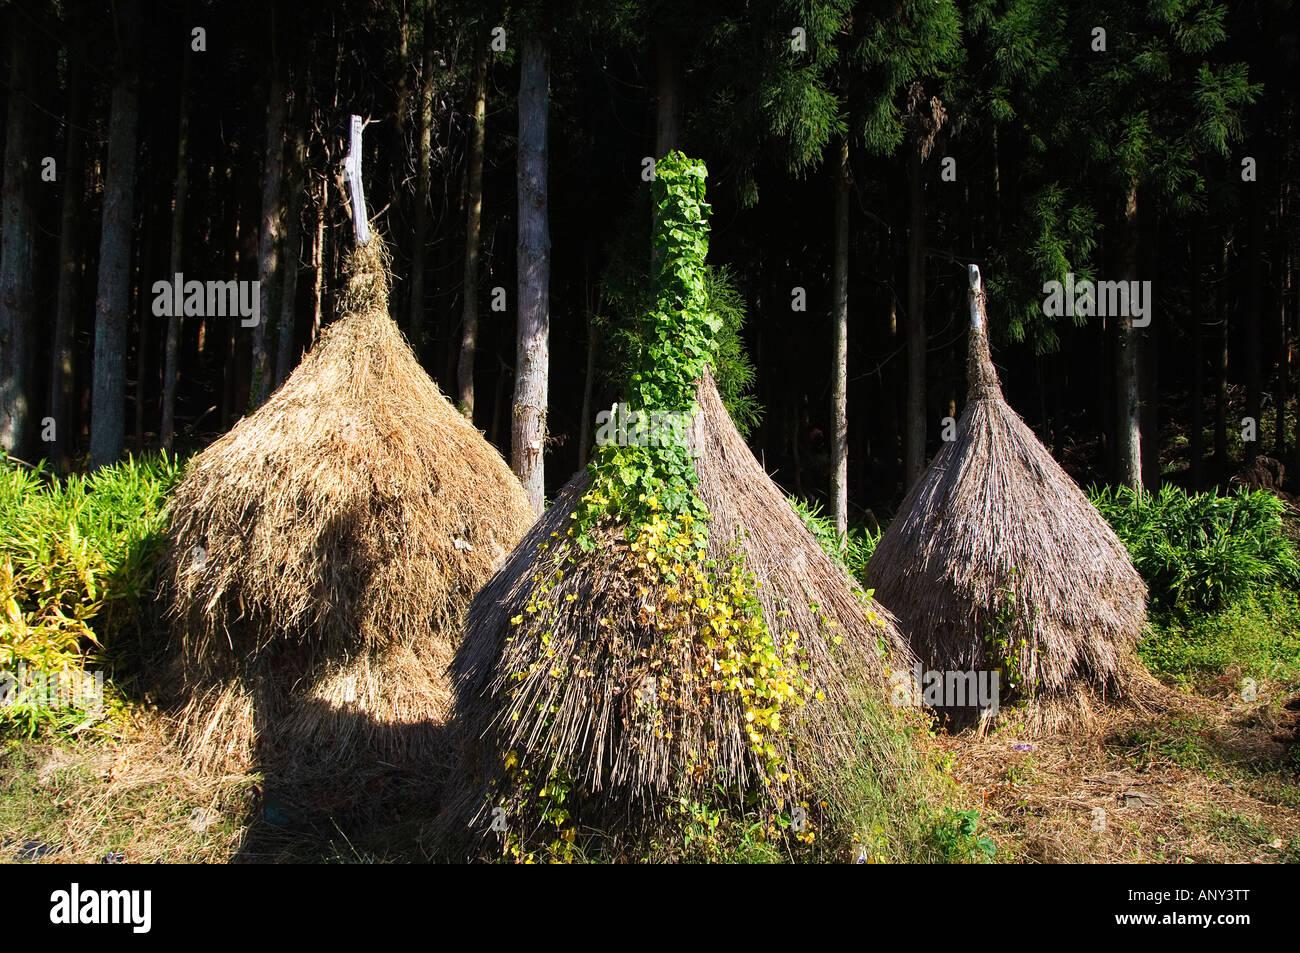 Japan, Honshu Island, Gifu Prefecture, Shirakawa-go. A Unesco World Heritage Site of 'Gassho Zukkuri' . - Stock Image